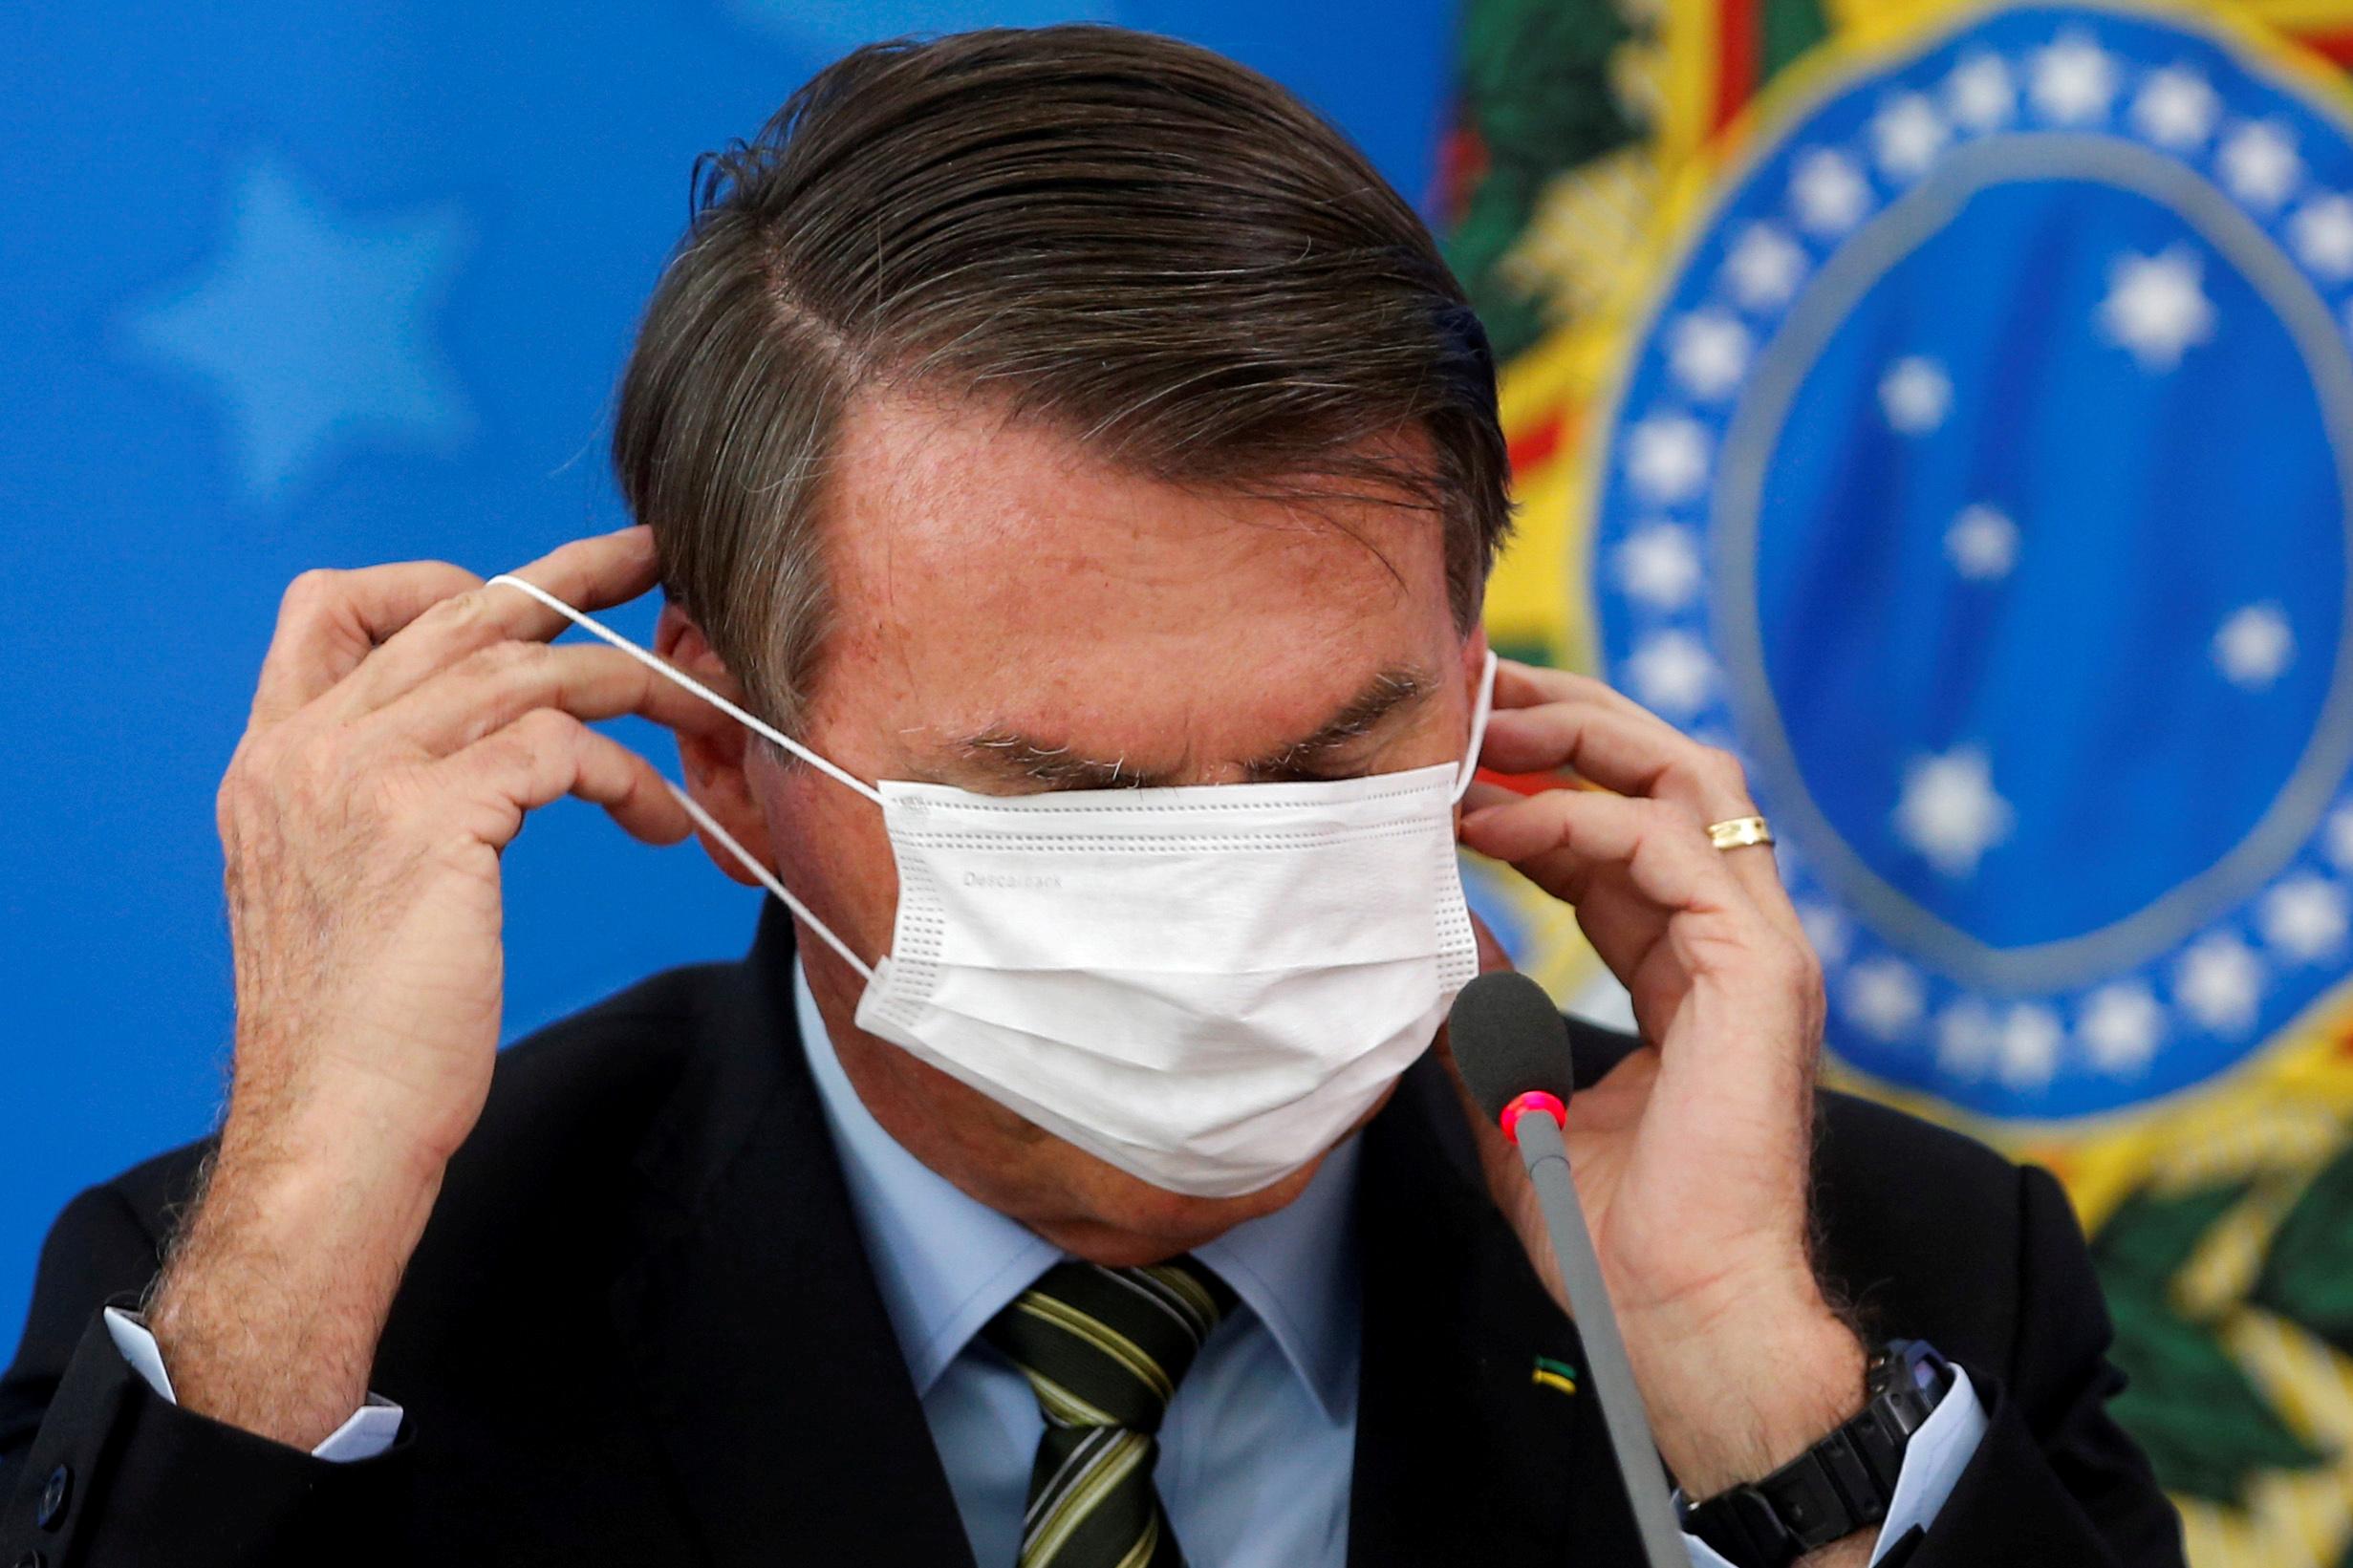 El 18 de marzo, con cierto fastidio, el presidente Jair Bolsonaro se ajusta su máscara facial durante una conferencia de prensa en la que se anunciaron las primeras medidas contra la pandemia del coronavirus en Brasil (REUTERS/Adriano Machado)